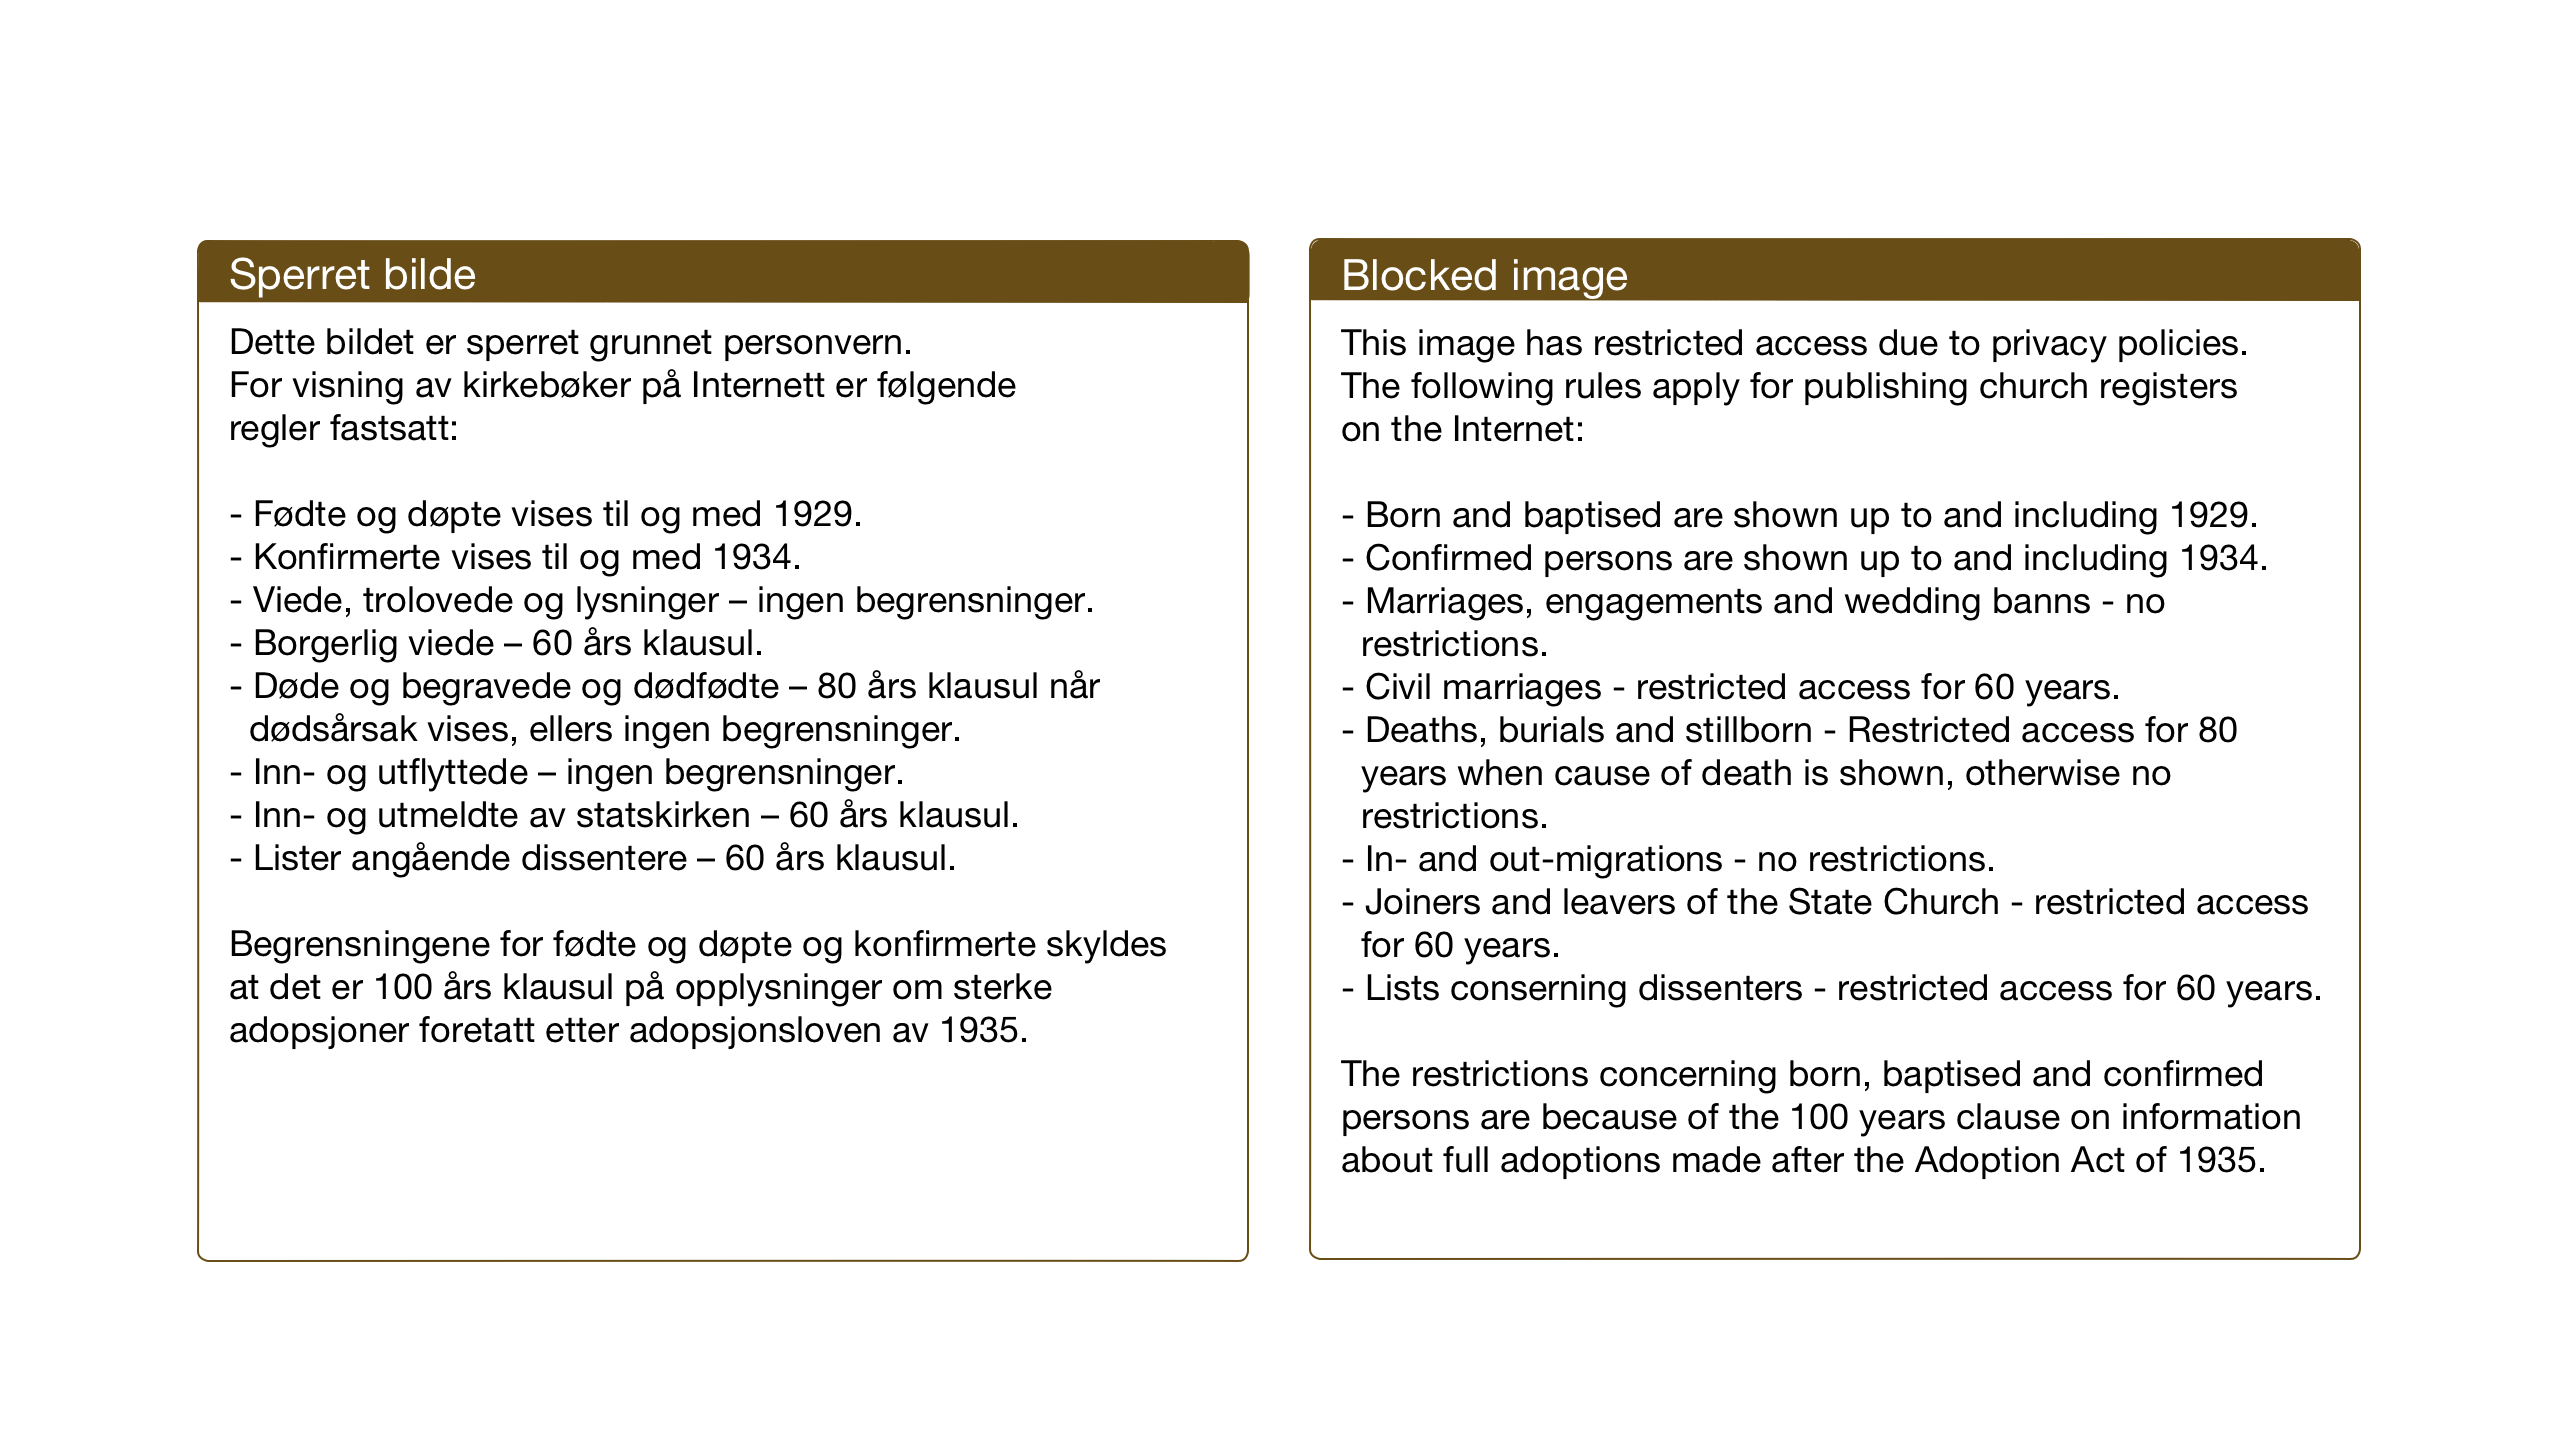 SAT, Ministerialprotokoller, klokkerbøker og fødselsregistre - Nord-Trøndelag, 741/L0403: Ministerialbok nr. 741C04, 1925-1944, s. 51